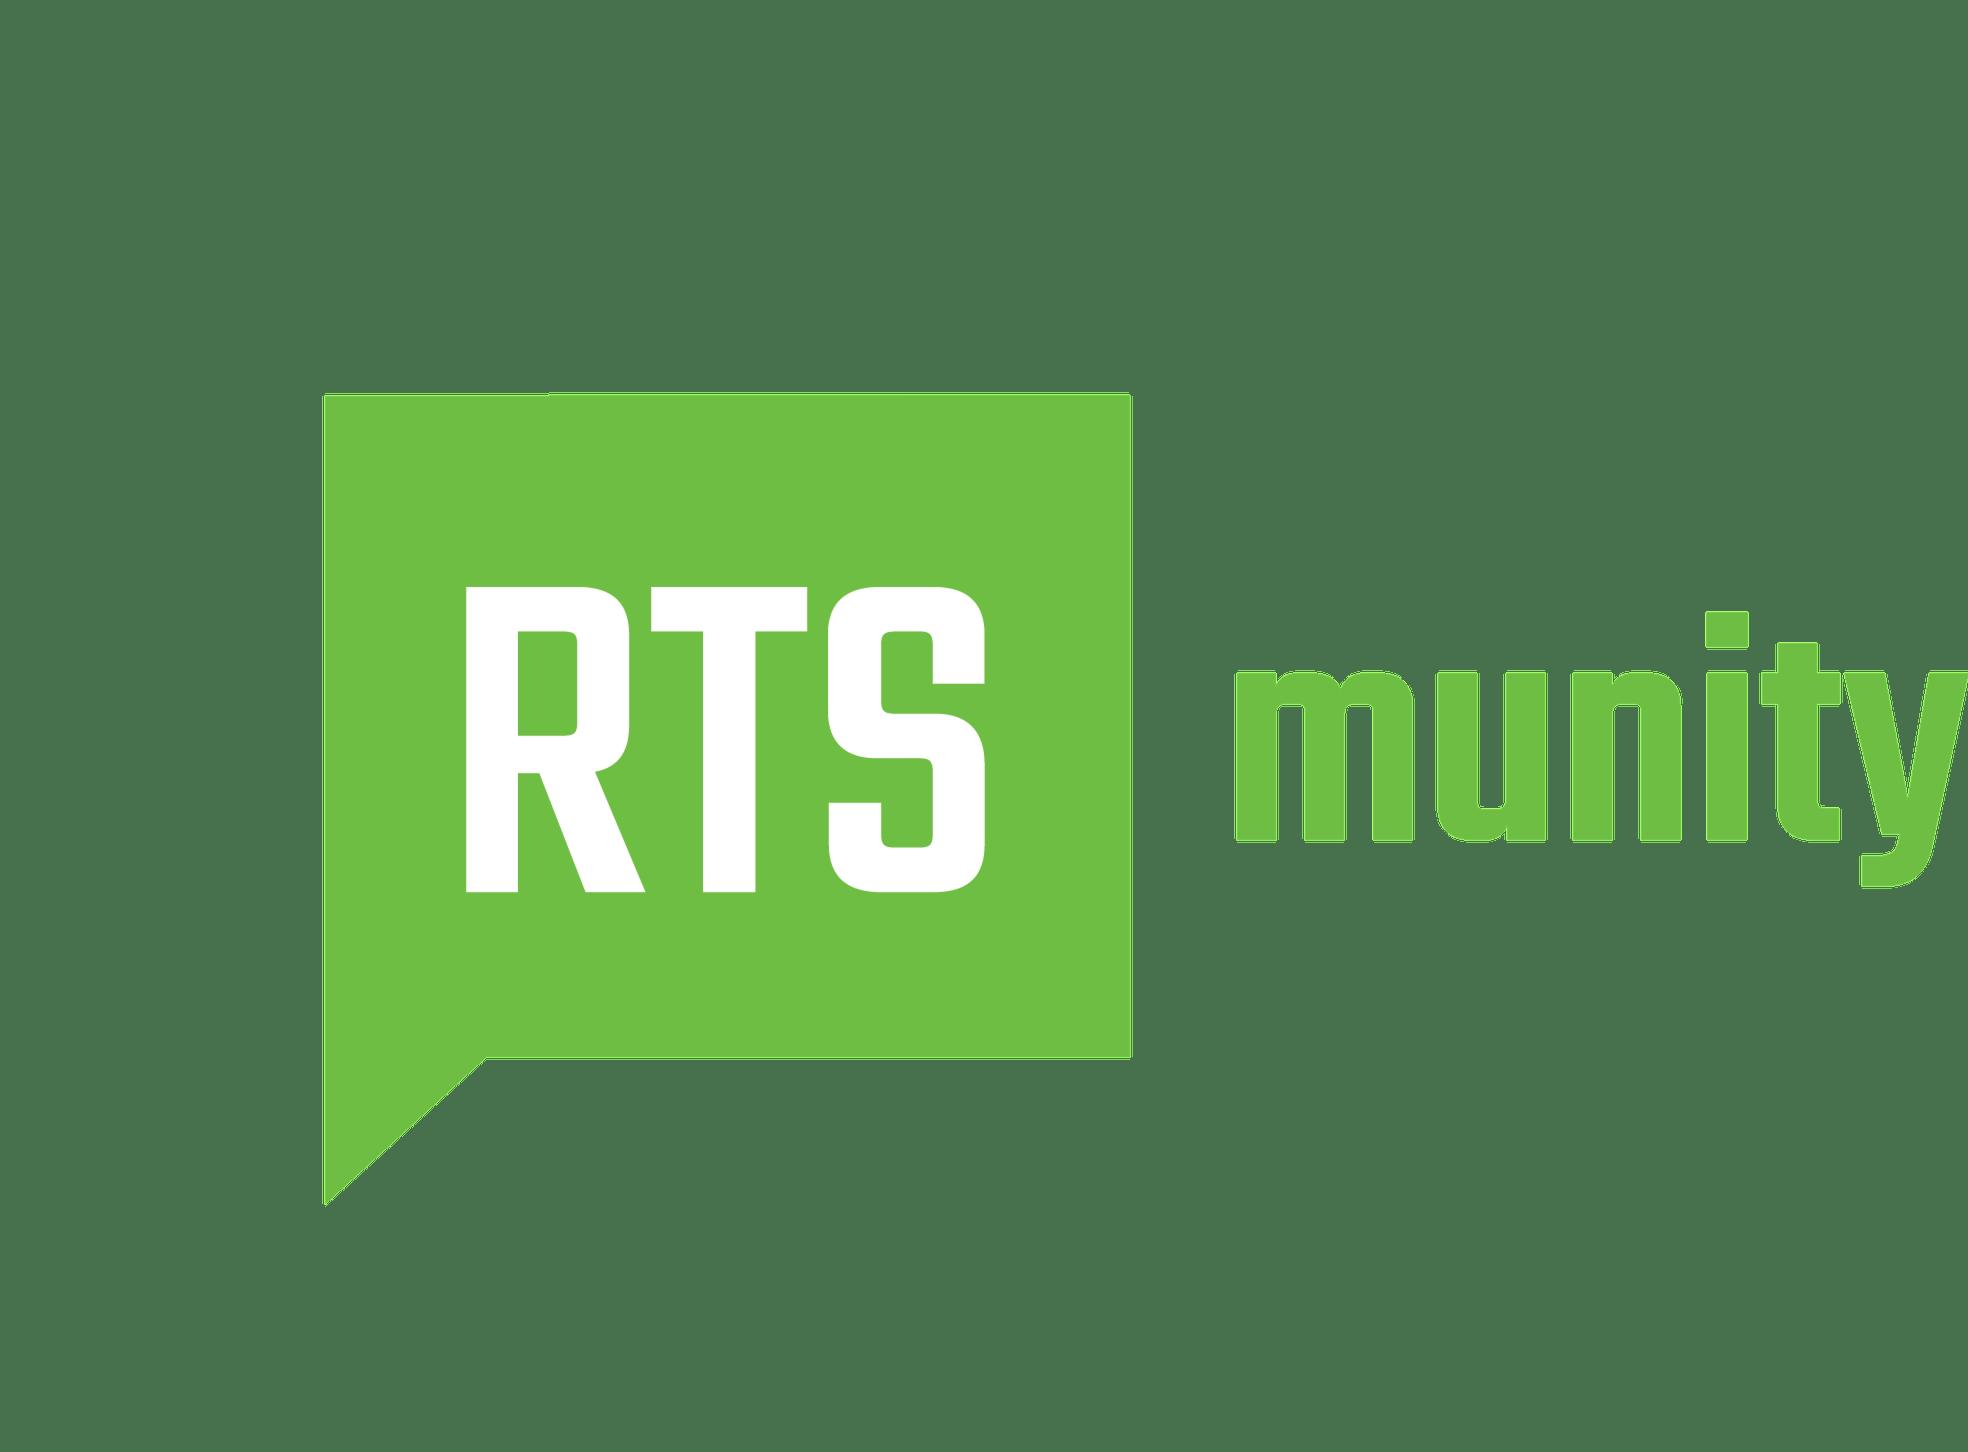 RTSmunity